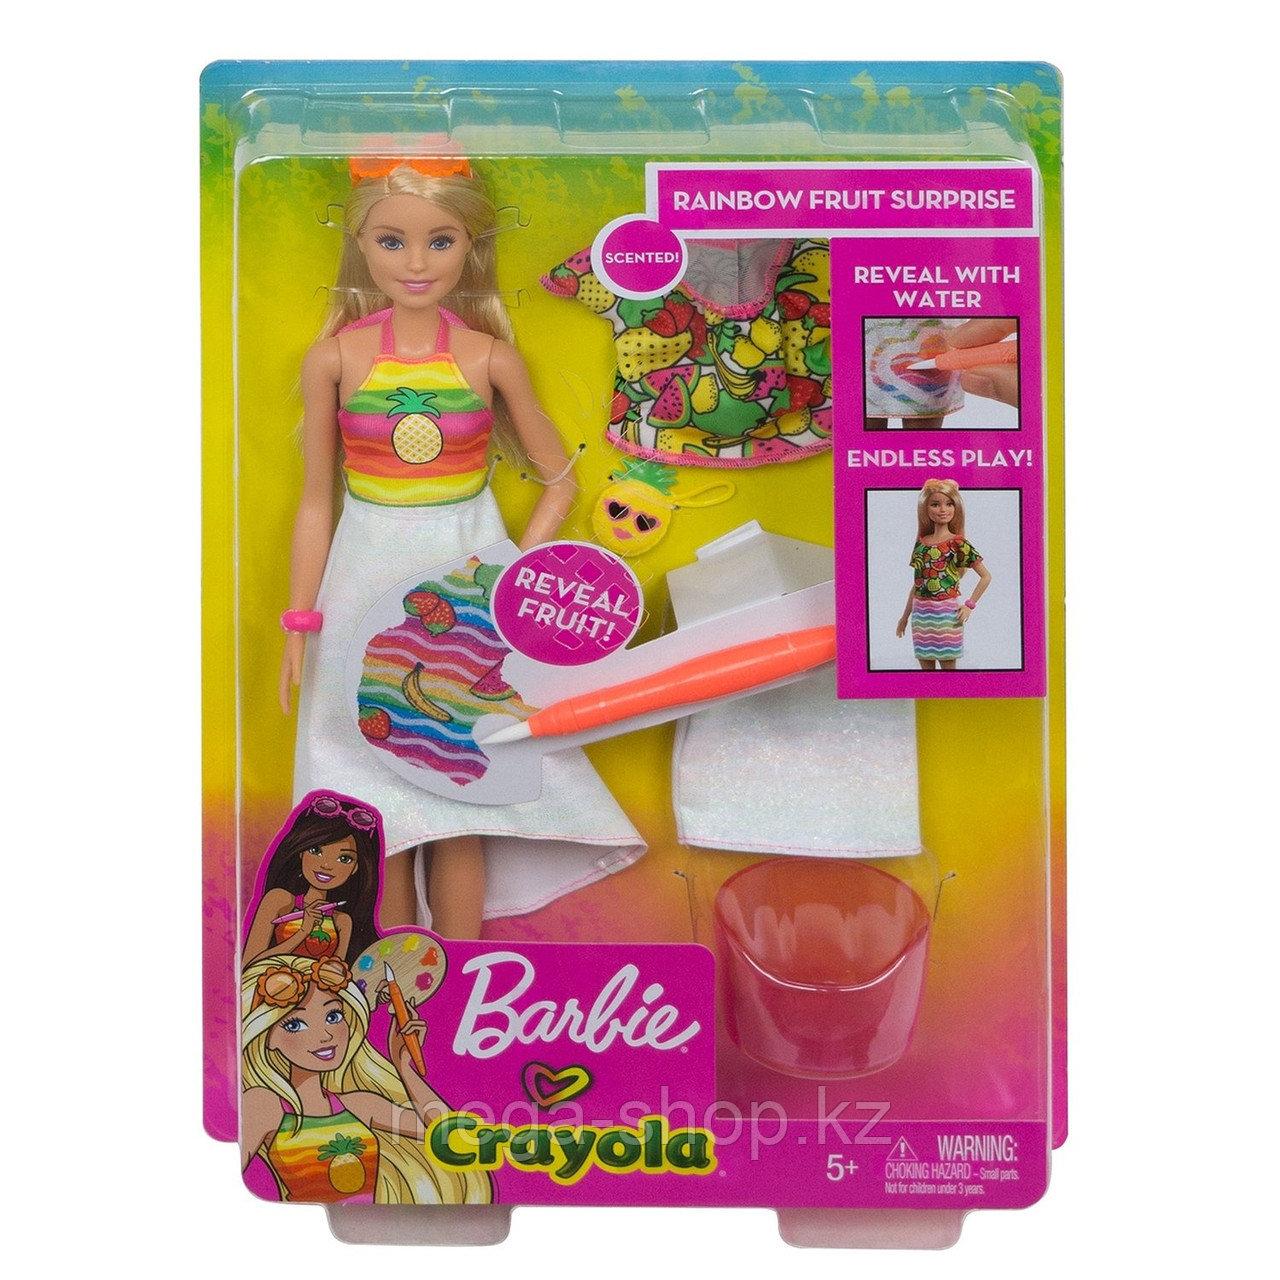 Кукла Barbie Крайола Радужный фруктовый сюрприз от mattel оригинал